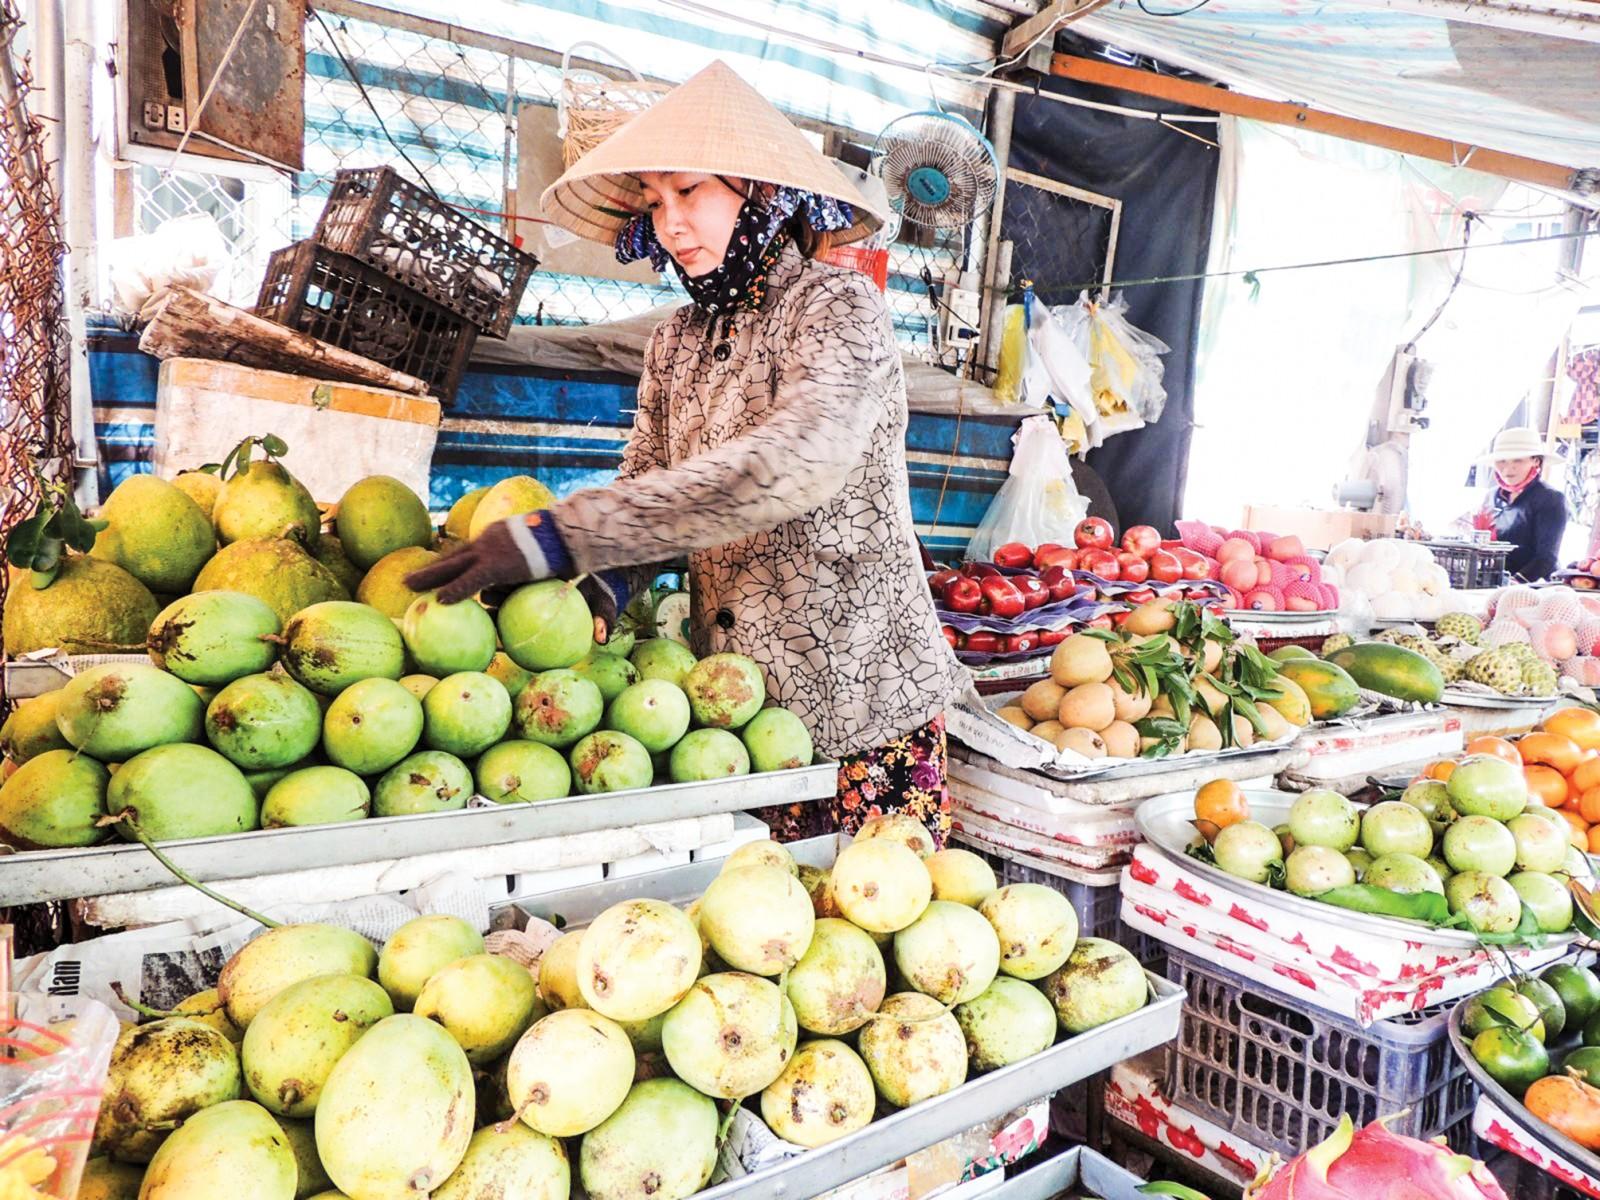 Bên cạnh hệ thống chợ hiện hữu, TP Cần Thơ đã và đang đầu tư xây dựng các chợ đầu mối chuyên doanh để phát huy vai trò cung ứng, phân phối hàng hóa cho các địa phương trong vùng. Trong ảnh: Tiểu thương mua bán tại chợ Cái Răng.